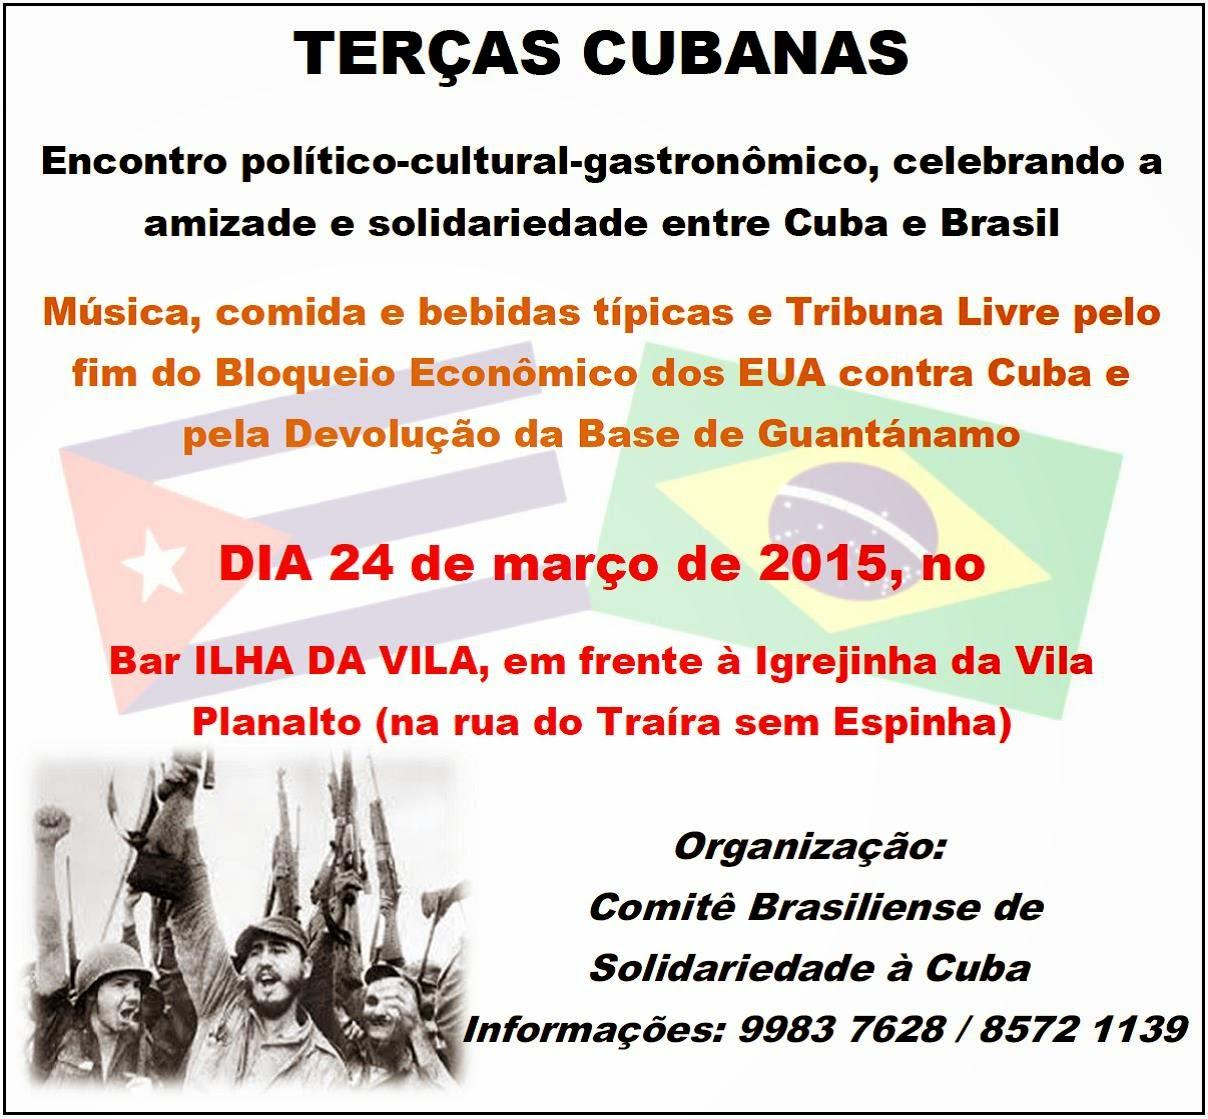 Terças Cubanas em Brasília